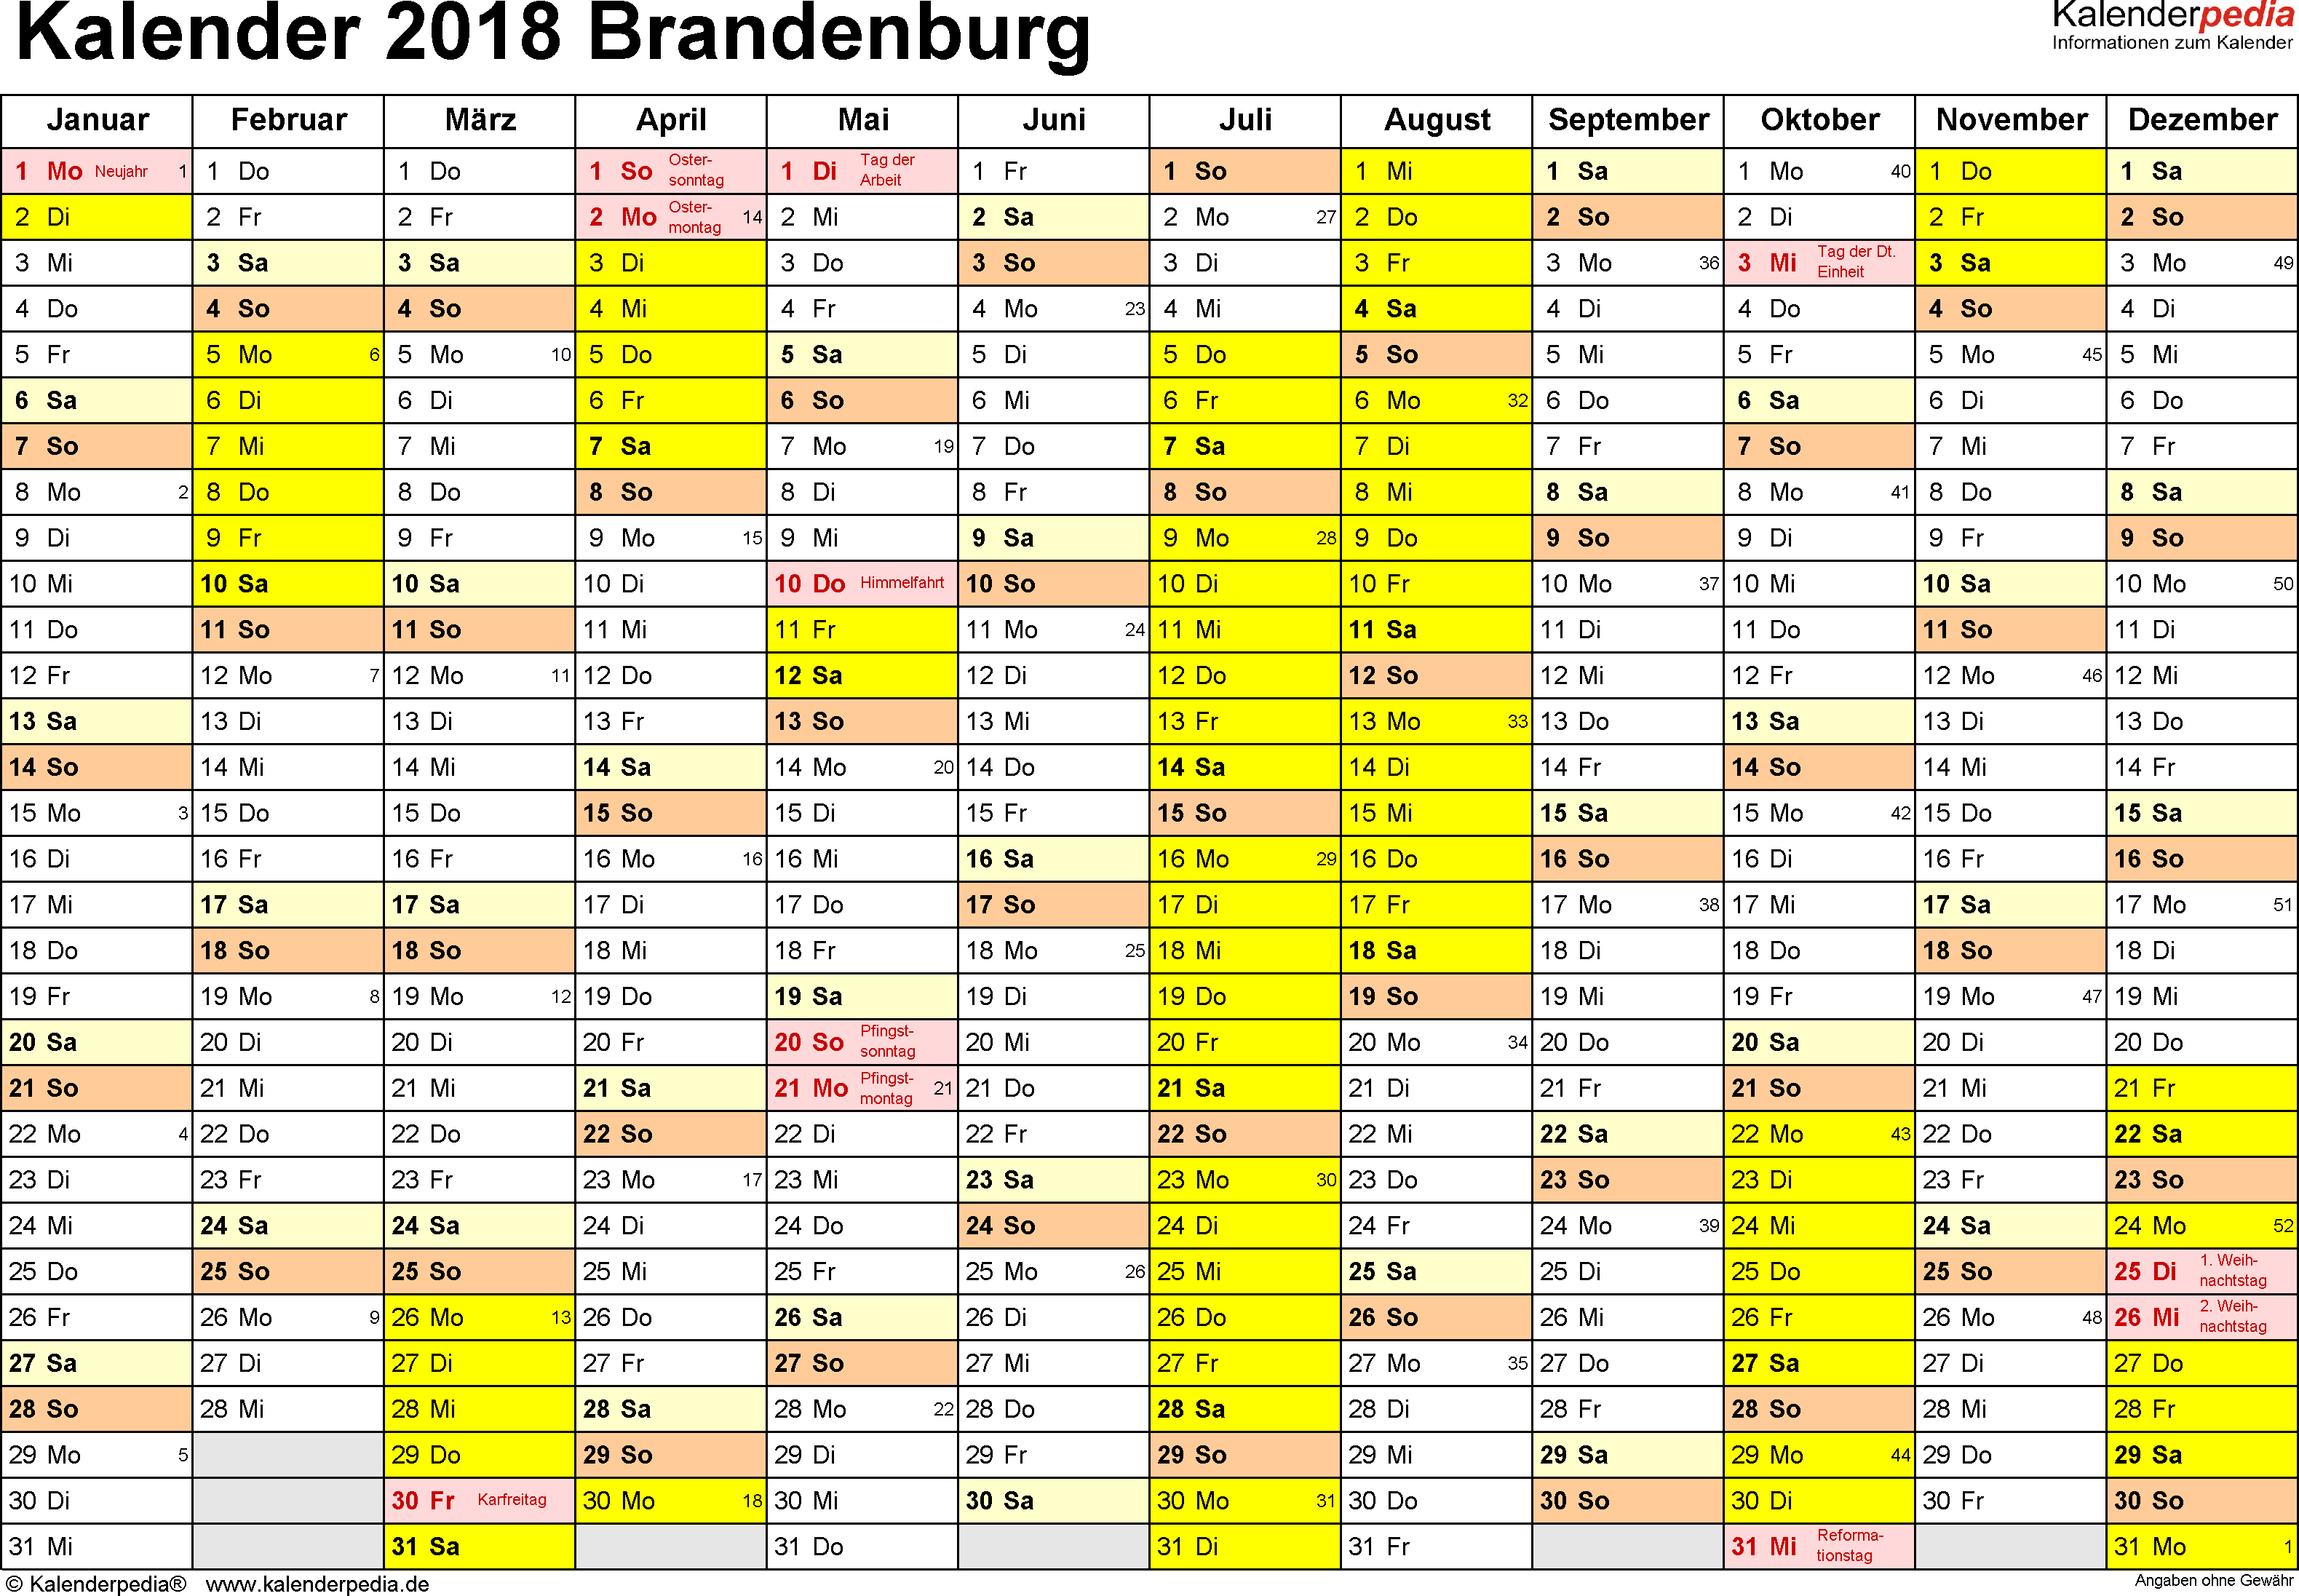 Vorlage 1: Kalender 2018 für Brandenburg als Excel-Vorlagen (Querformat, 1 Seite)